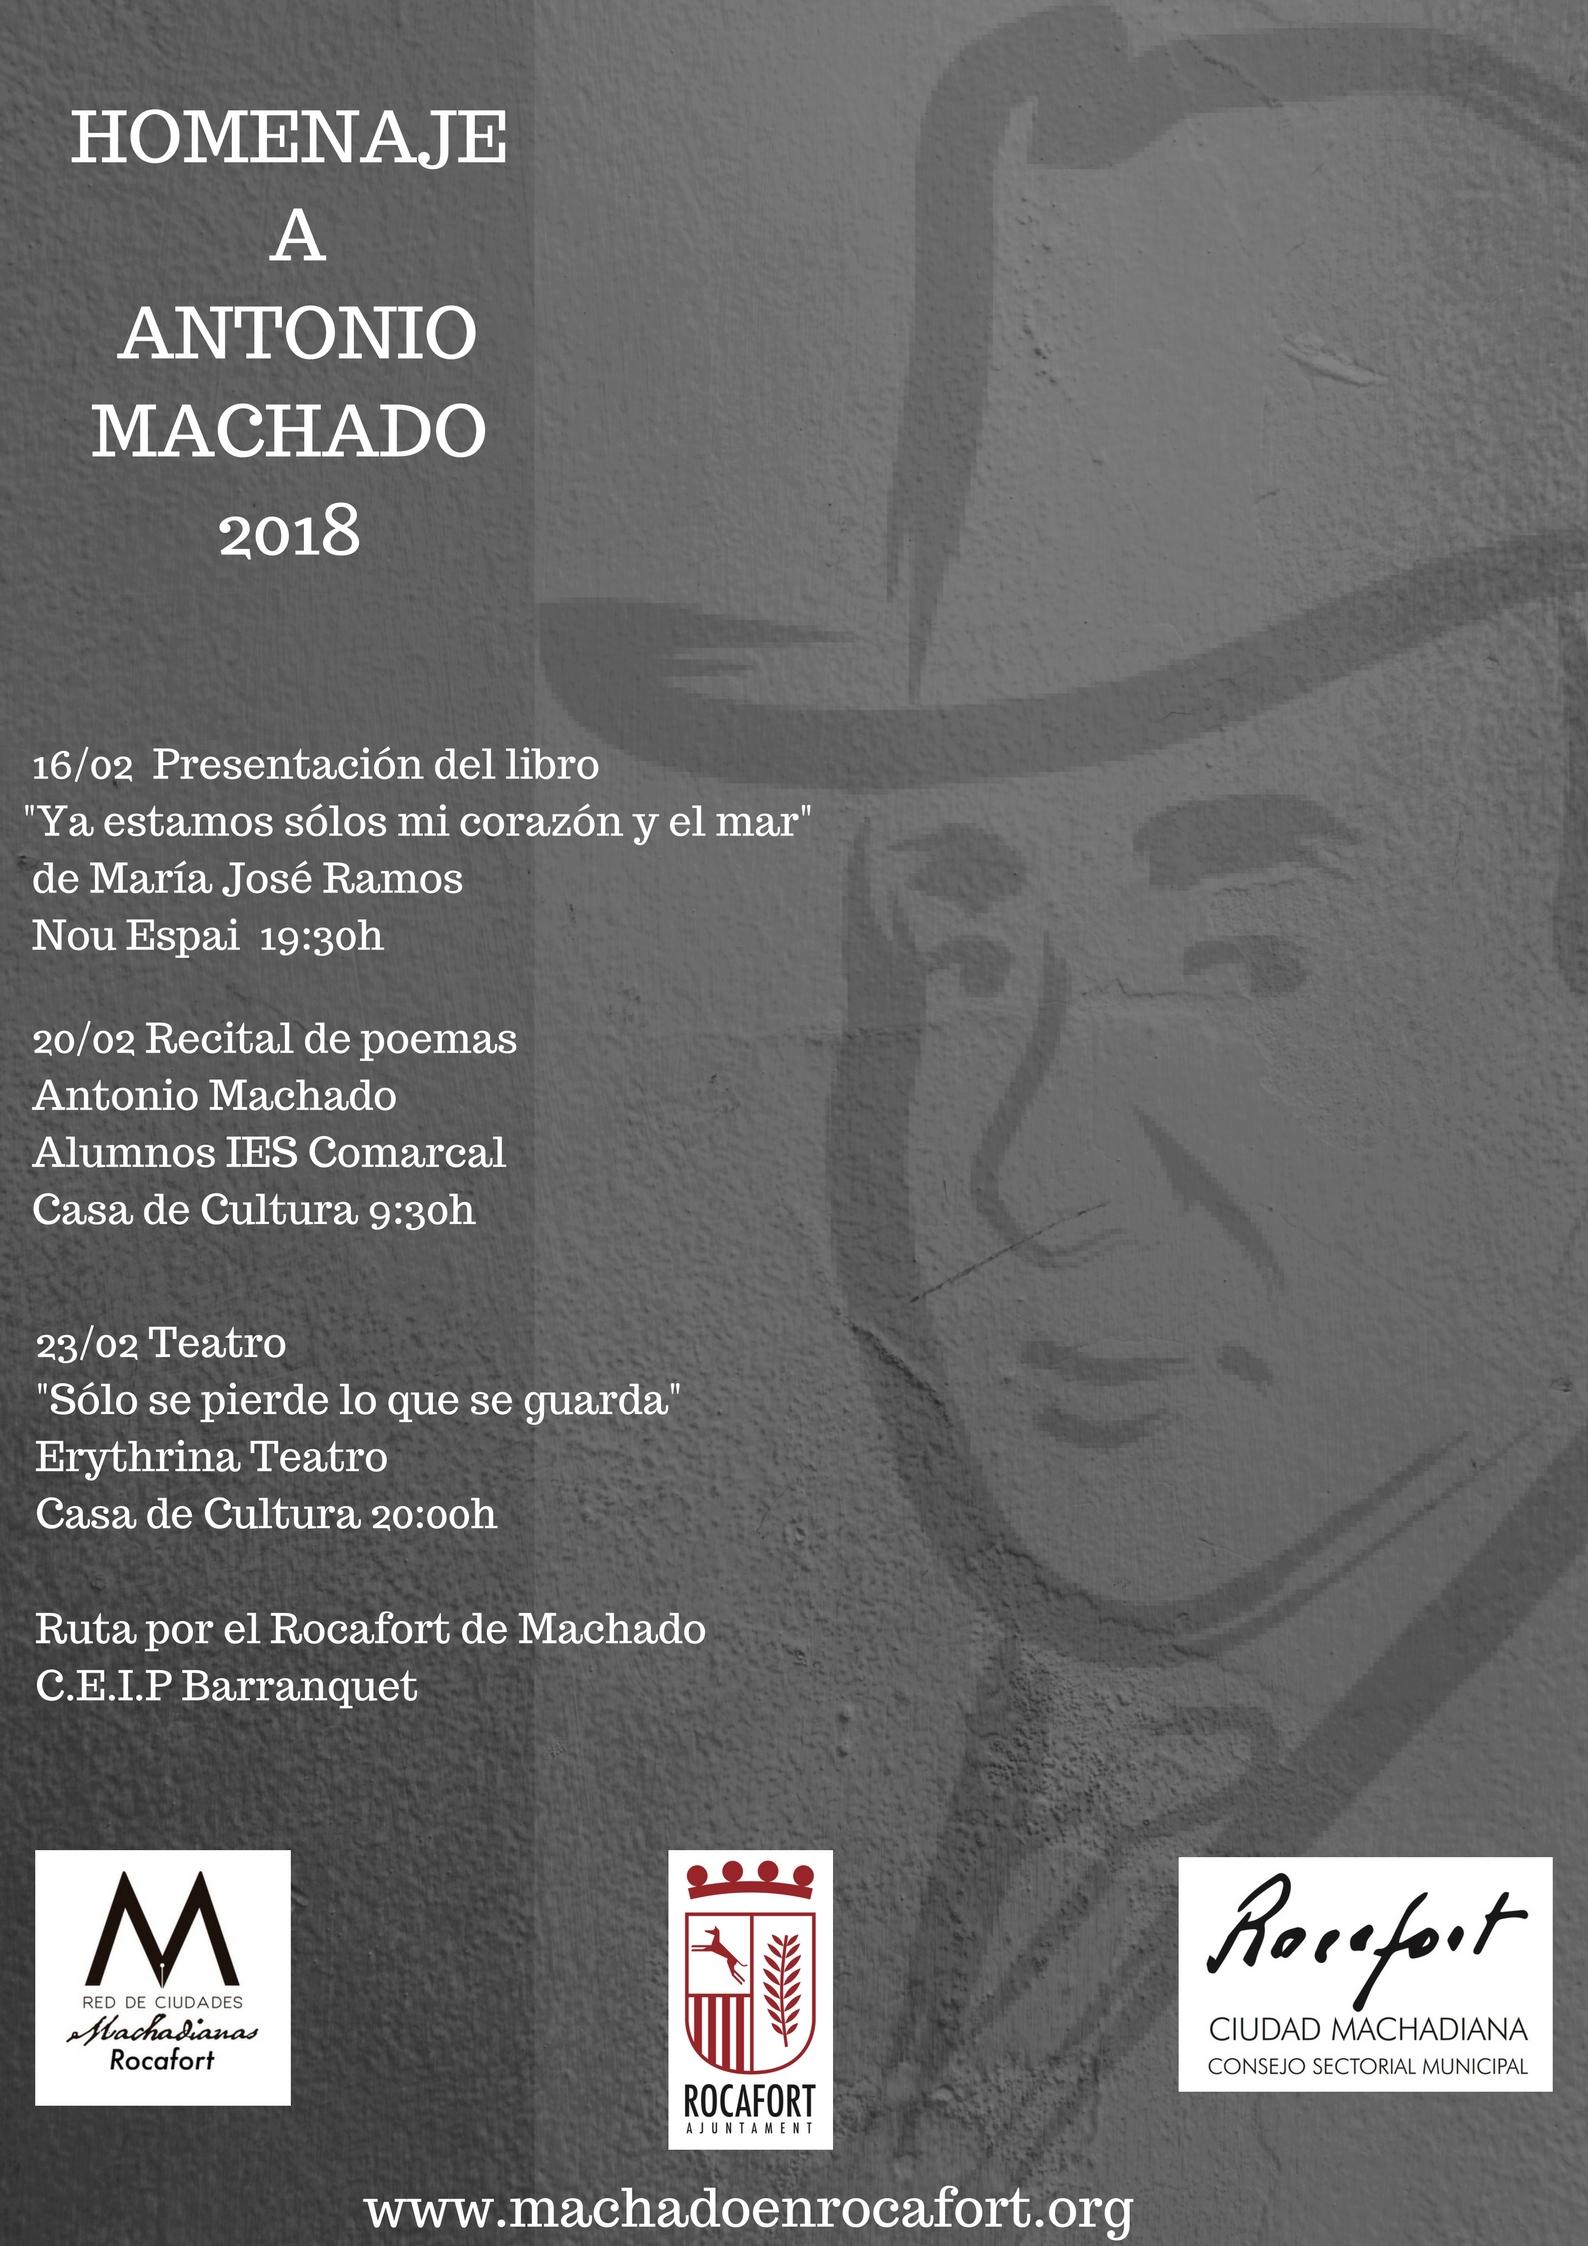 Actos Machado